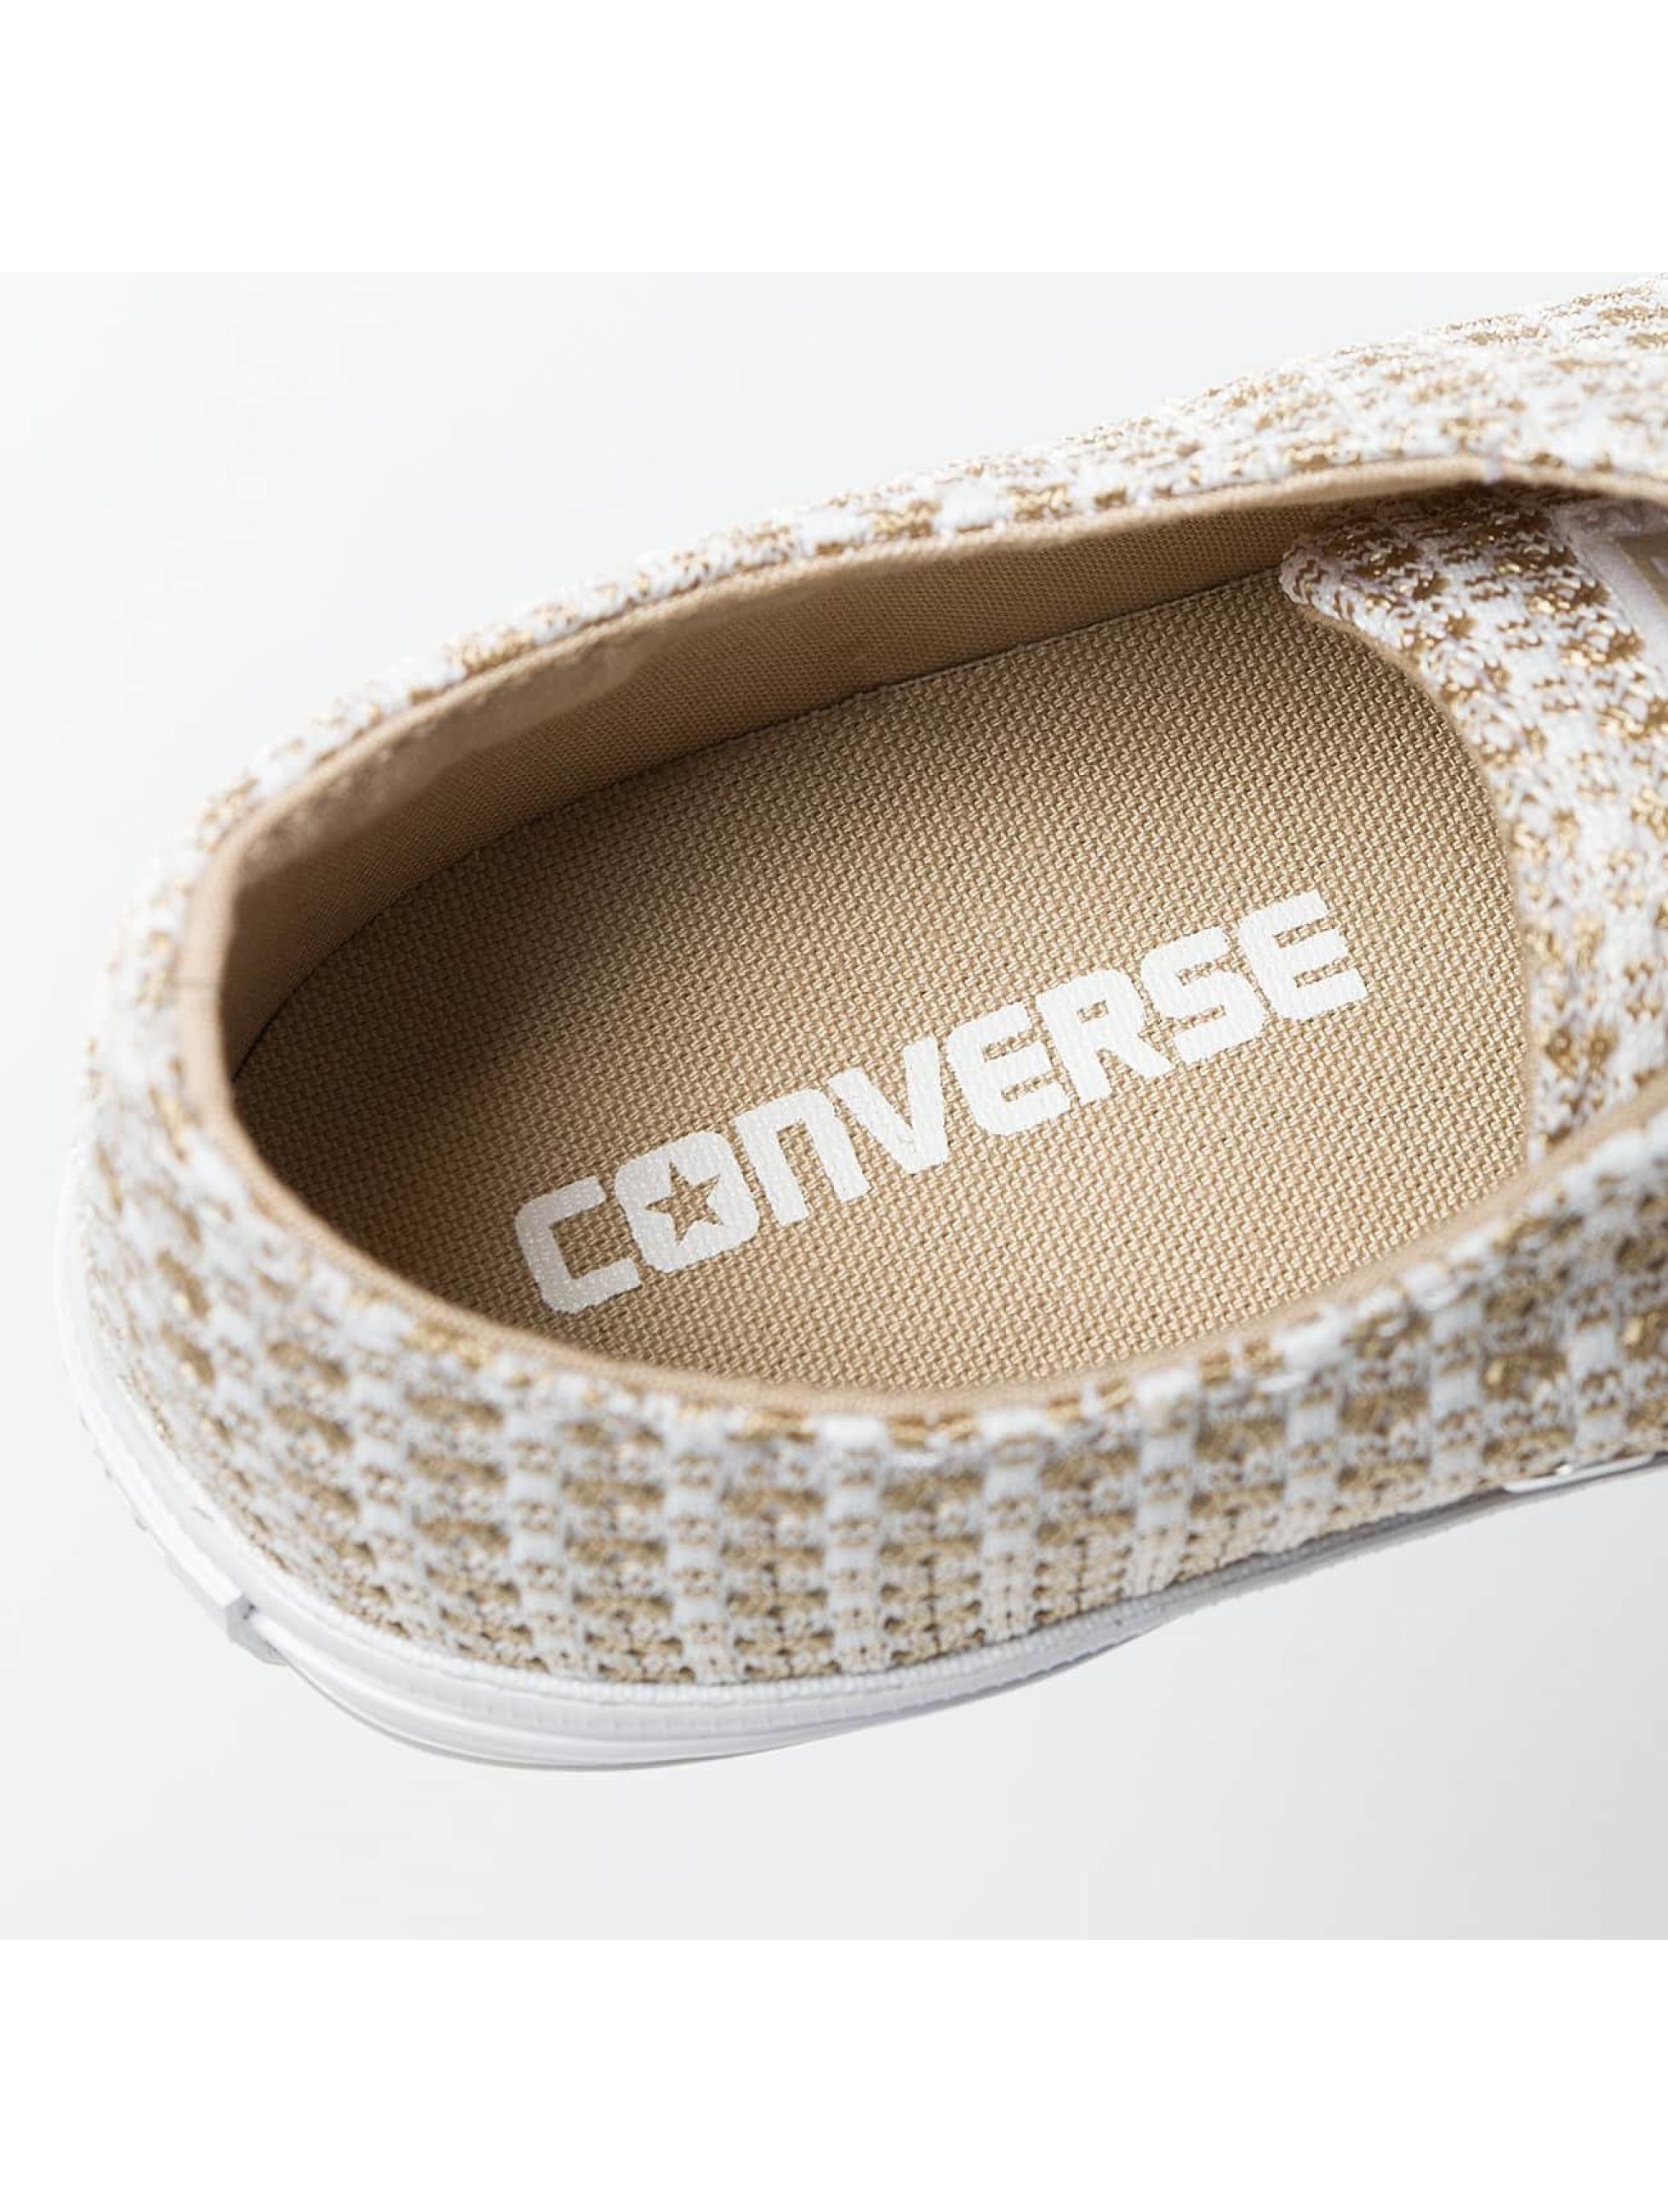 Converse Baskets CTAS Gemma Festival Knit Ox brun